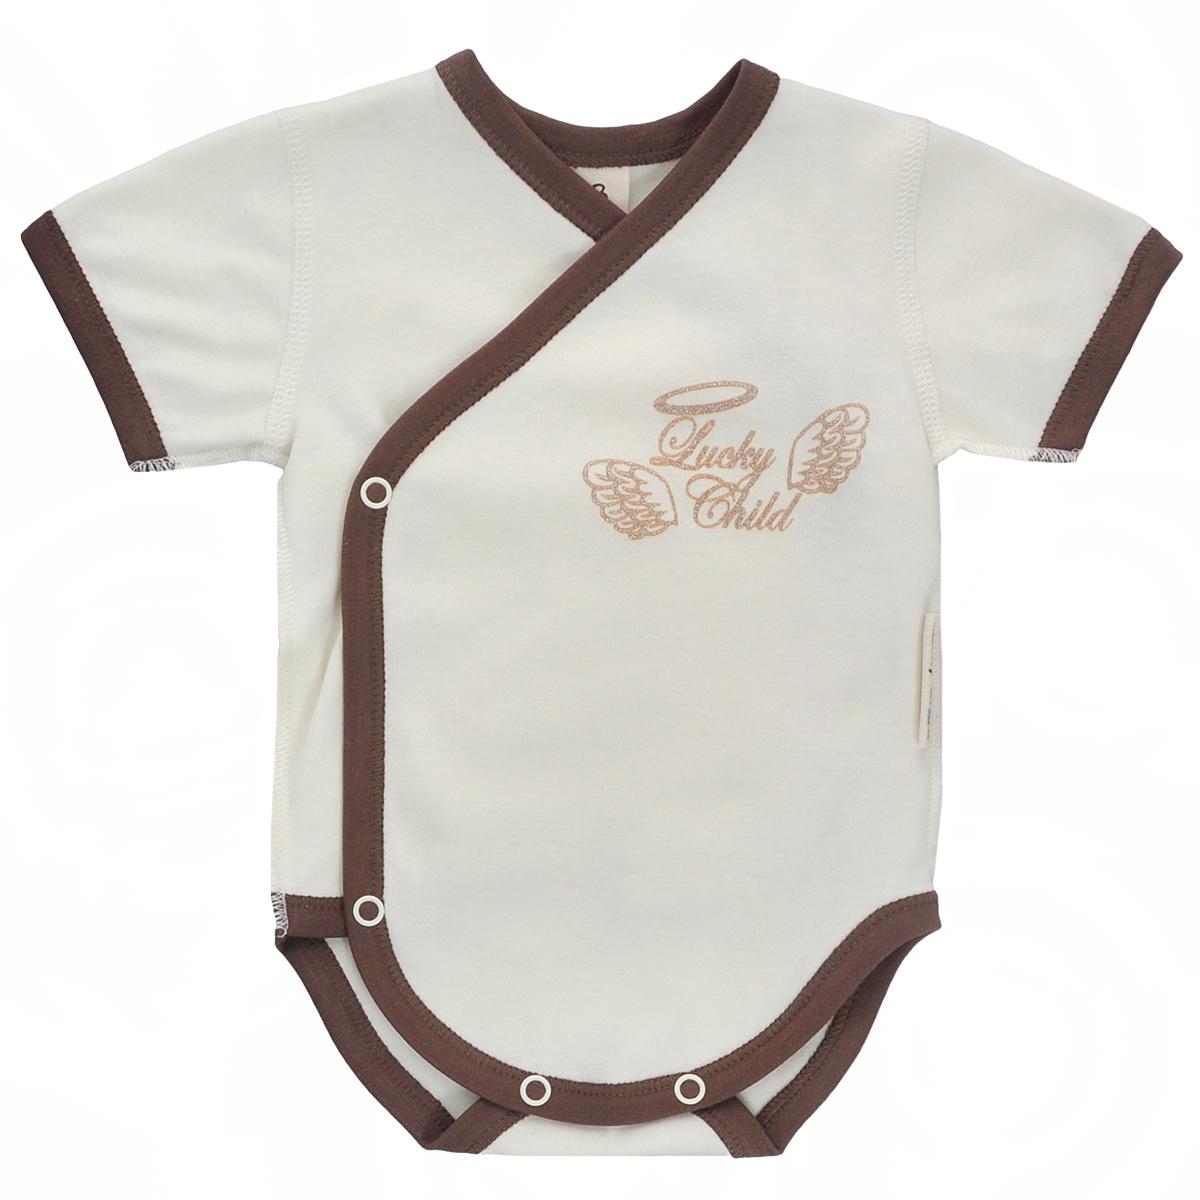 Боди-футболка детское Ангелы. 17-5117-51Детское боди-футболка Lucky Child Ангелы с короткими рукавами послужит идеальным дополнением к гардеробу малыша в теплое время года, обеспечивая ему наибольший комфорт. Боди изготовлено из интерлока - натурального хлопка, благодаря чему оно необычайно мягкое и легкое, не раздражает нежную кожу ребенка и хорошо вентилируется, а эластичные швы приятны телу малыша и не препятствуют его движениям. Удобные застежки-кнопки по принципу «кимоно» и на ластовице помогают легко переодеть младенца и сменить подгузник. Боди на груди оформлено надписью в виде логотипа бренда и изображением крылышек, а на спинке дополнено текстильными крылышками, вышитыми металлизированной нитью. Боди полностью соответствует особенностям жизни малыша в ранний период, не стесняя и не ограничивая его в движениях. В нем ваш ребенок всегда будет в центре внимания.